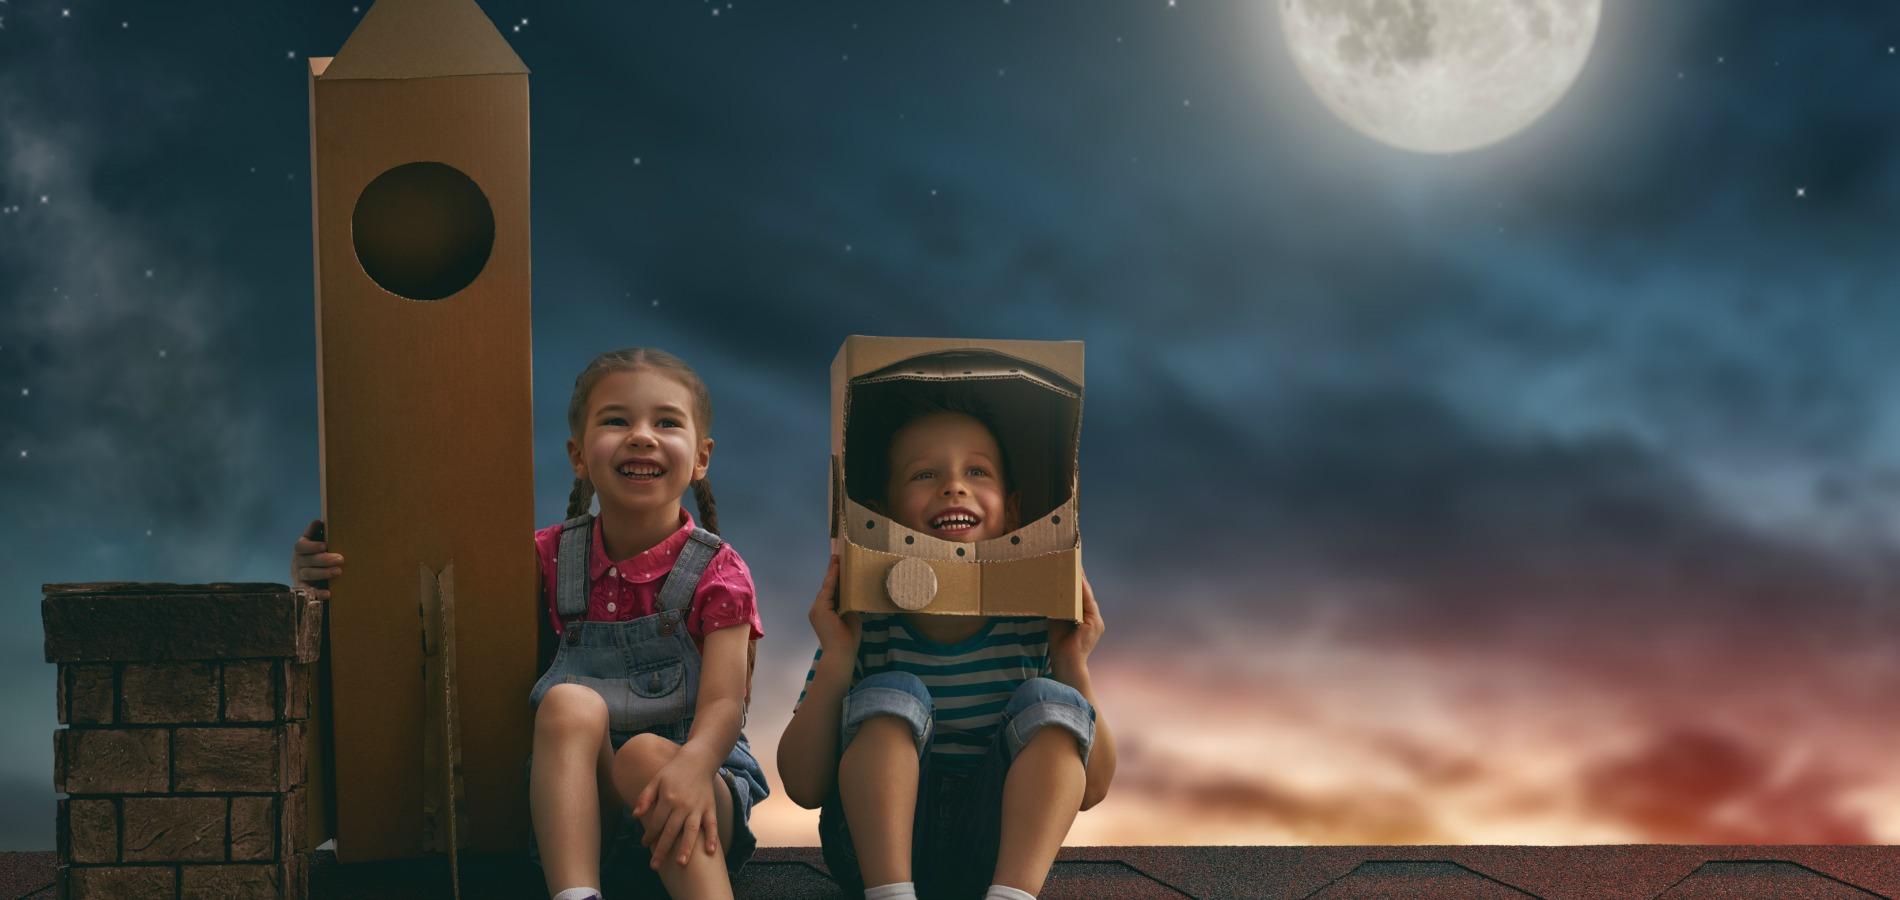 Сюжетно-ролевые игры в детском саду: их цели, значение, виды.